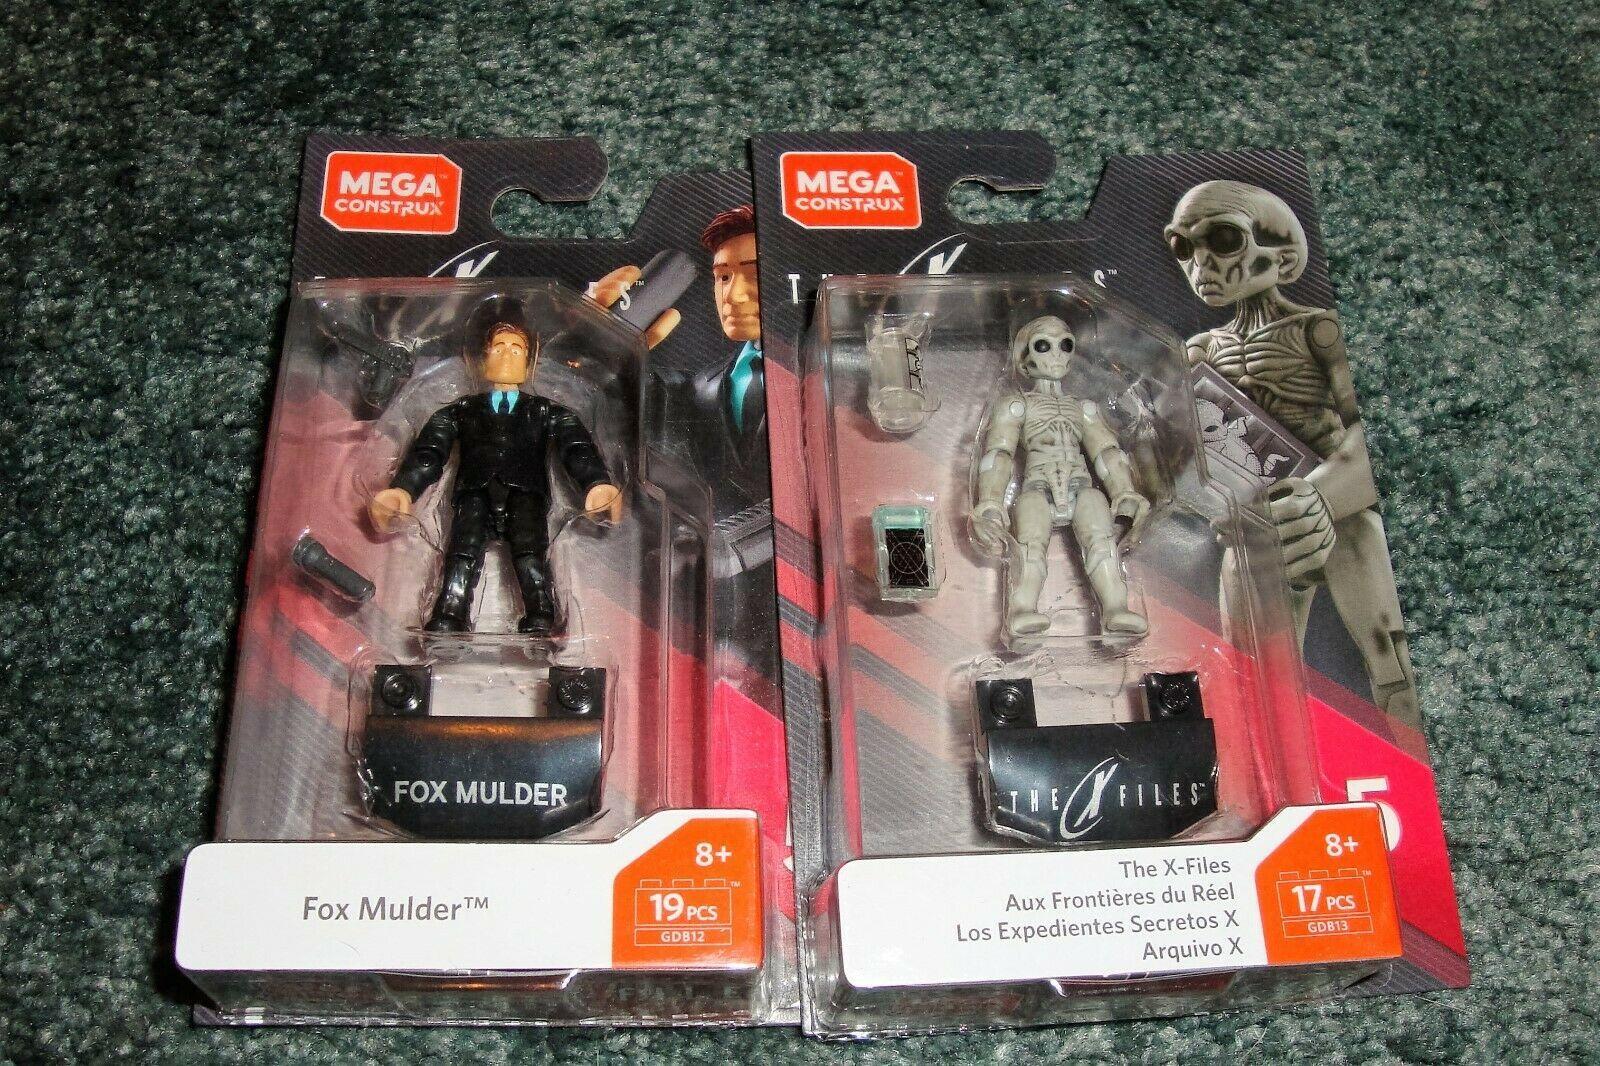 Mega Construx Fox Mulder Gray Alien X Files in hand